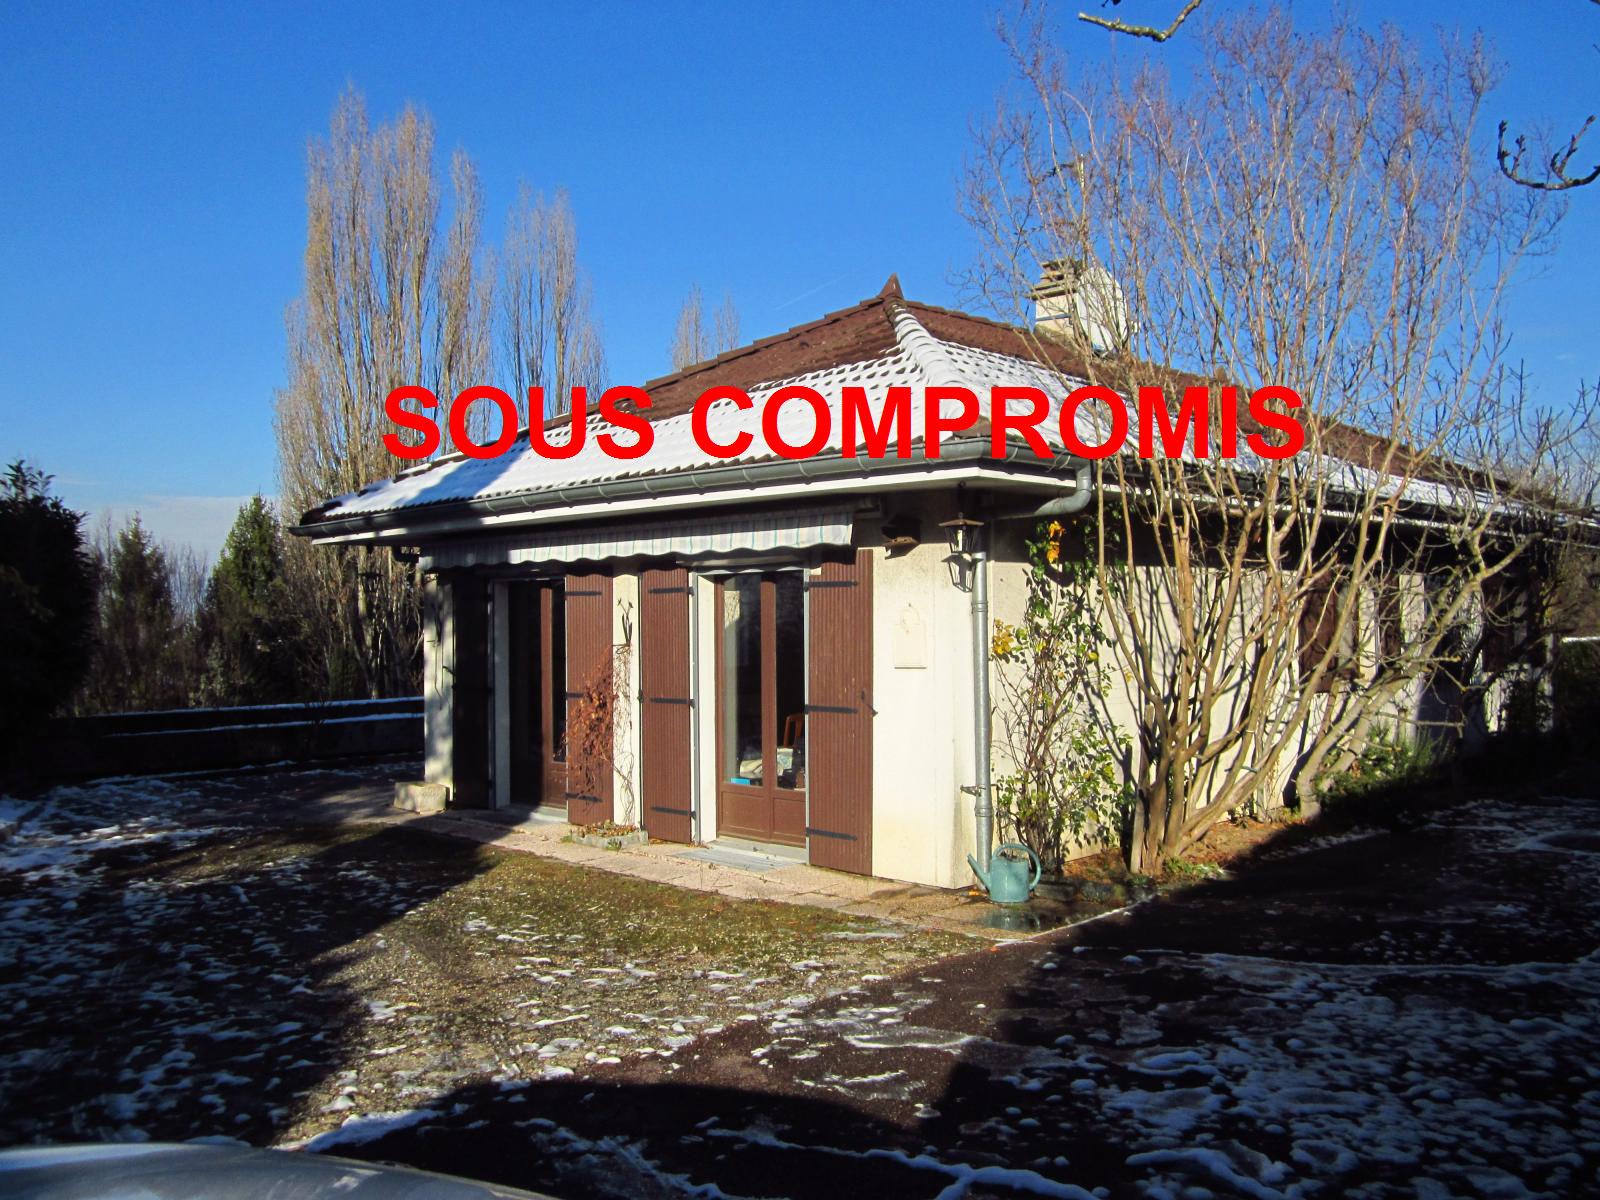 EXCLUSIVITE Collonges-sous Salève agréable Maison individuelle de plain-pied avec vue dégagée... SOUS COMPROMIS